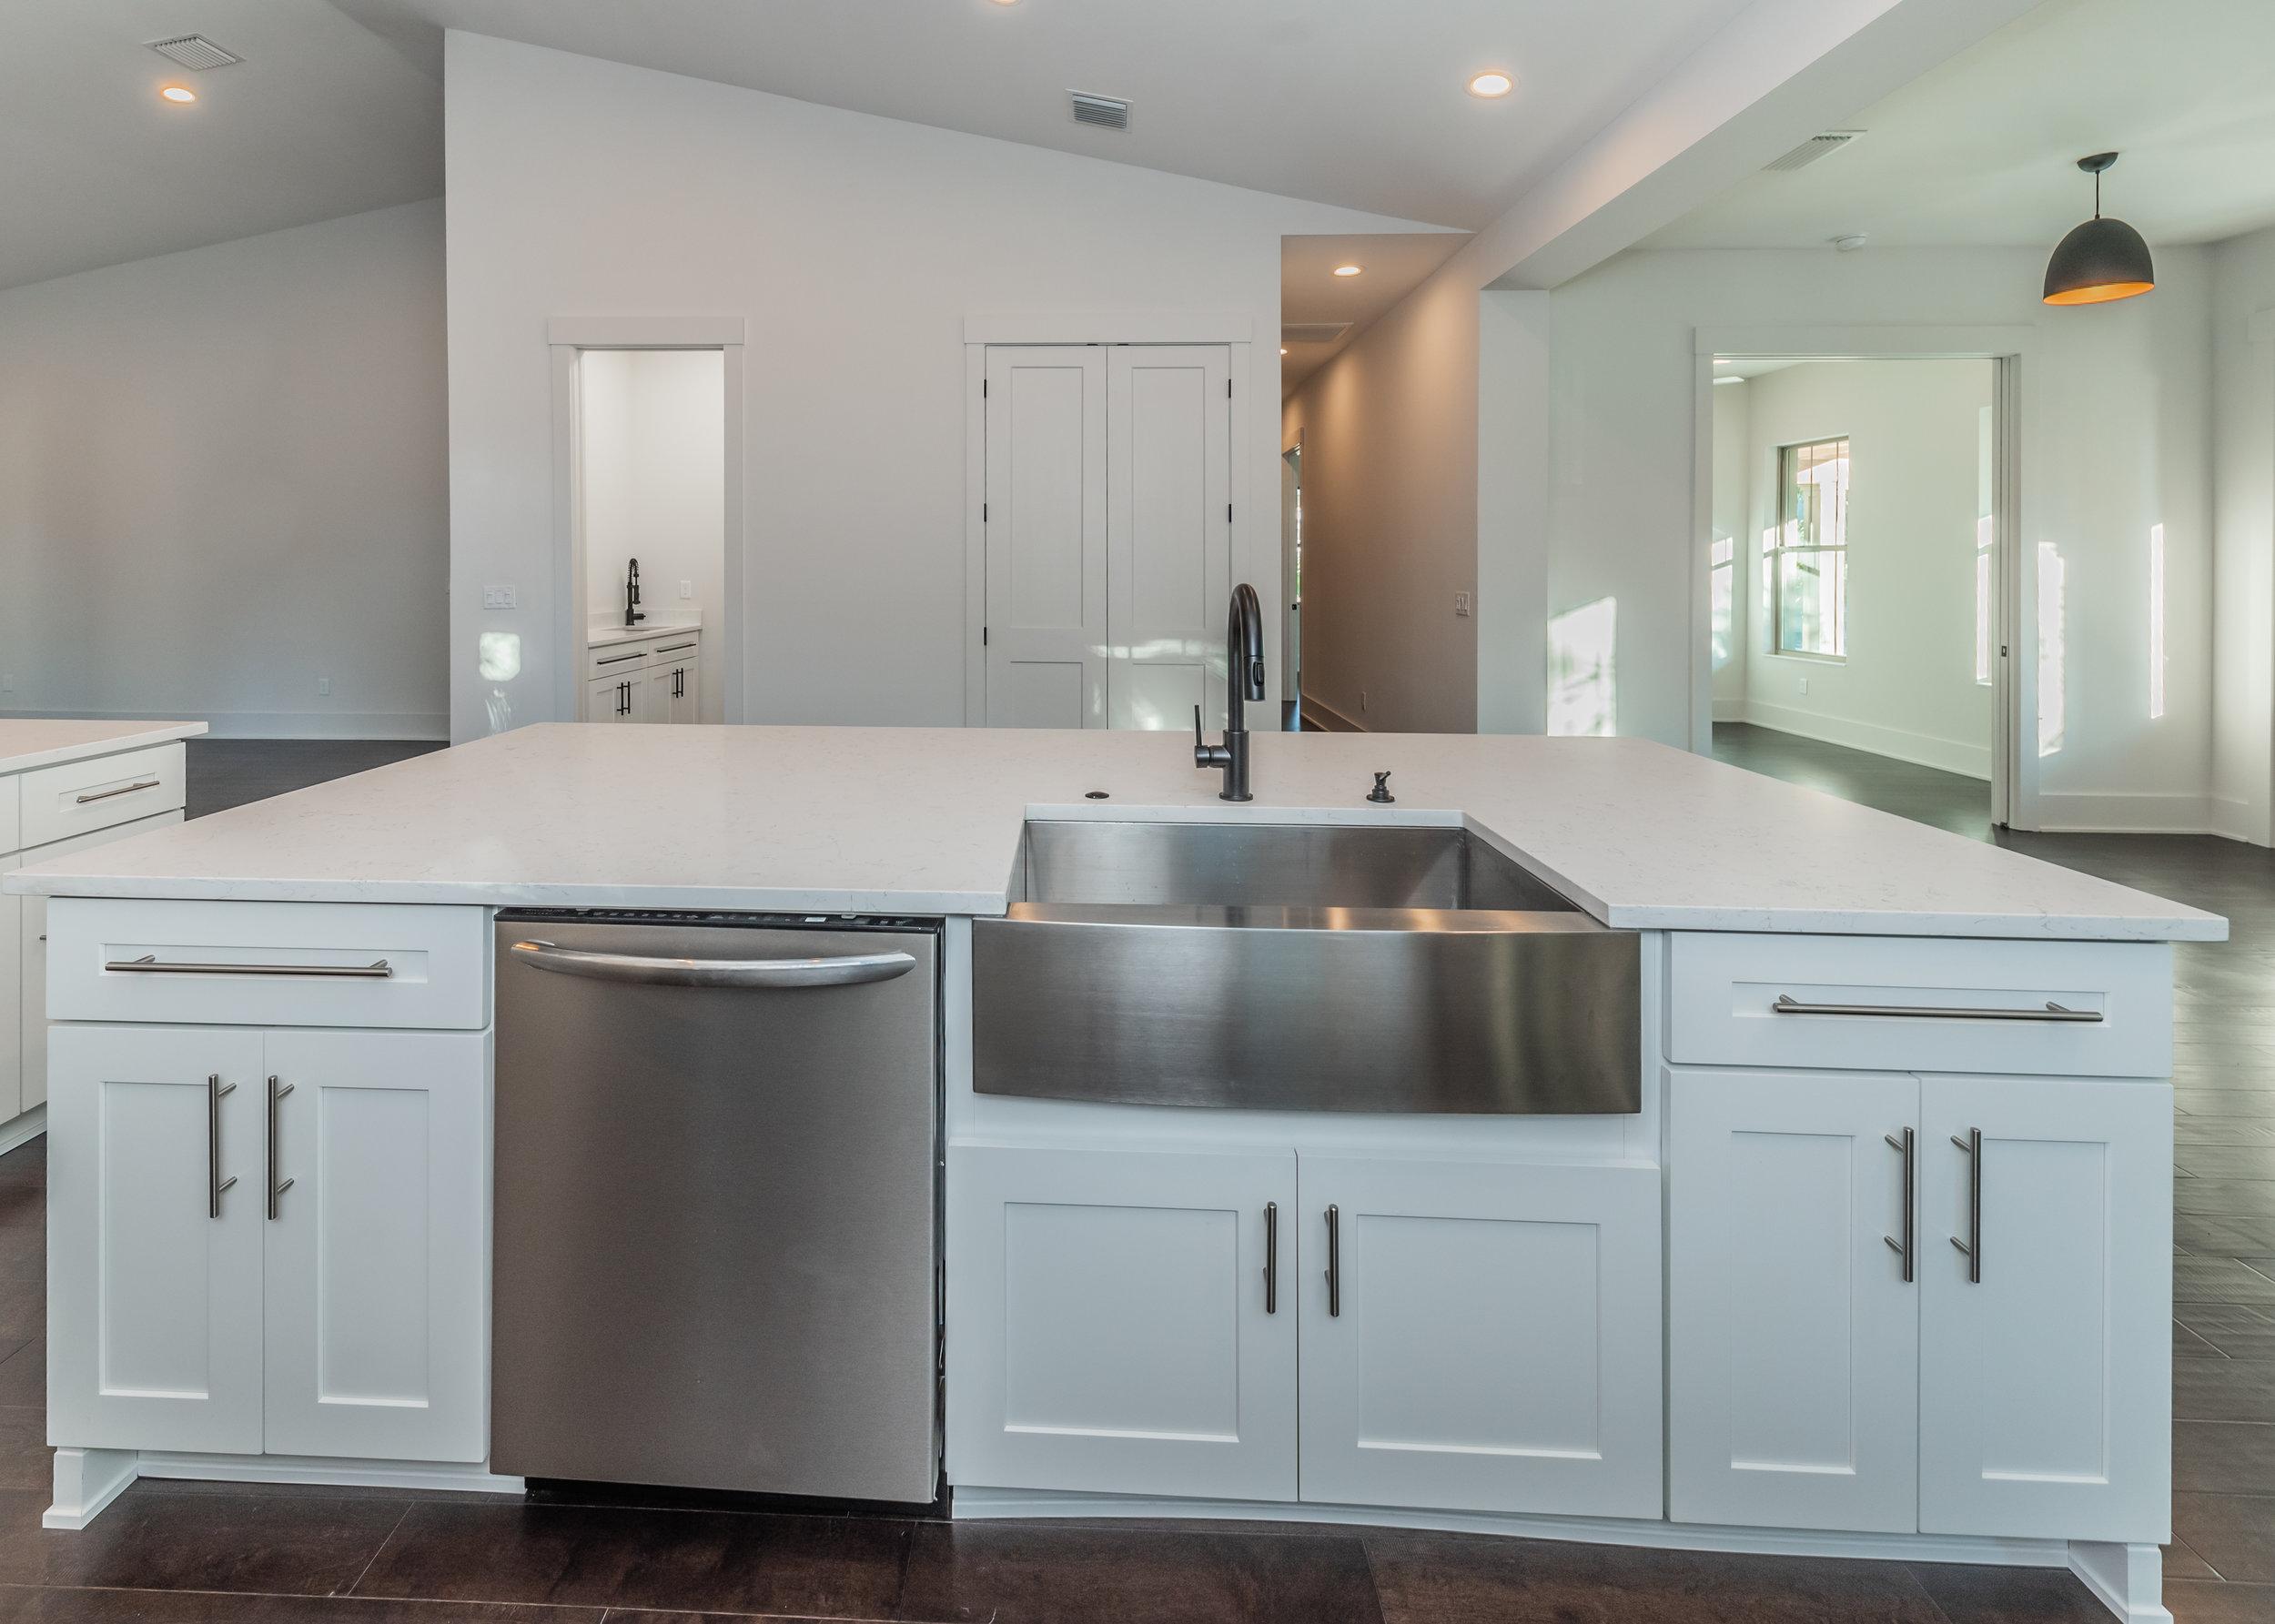 Kitchen5-4.jpg